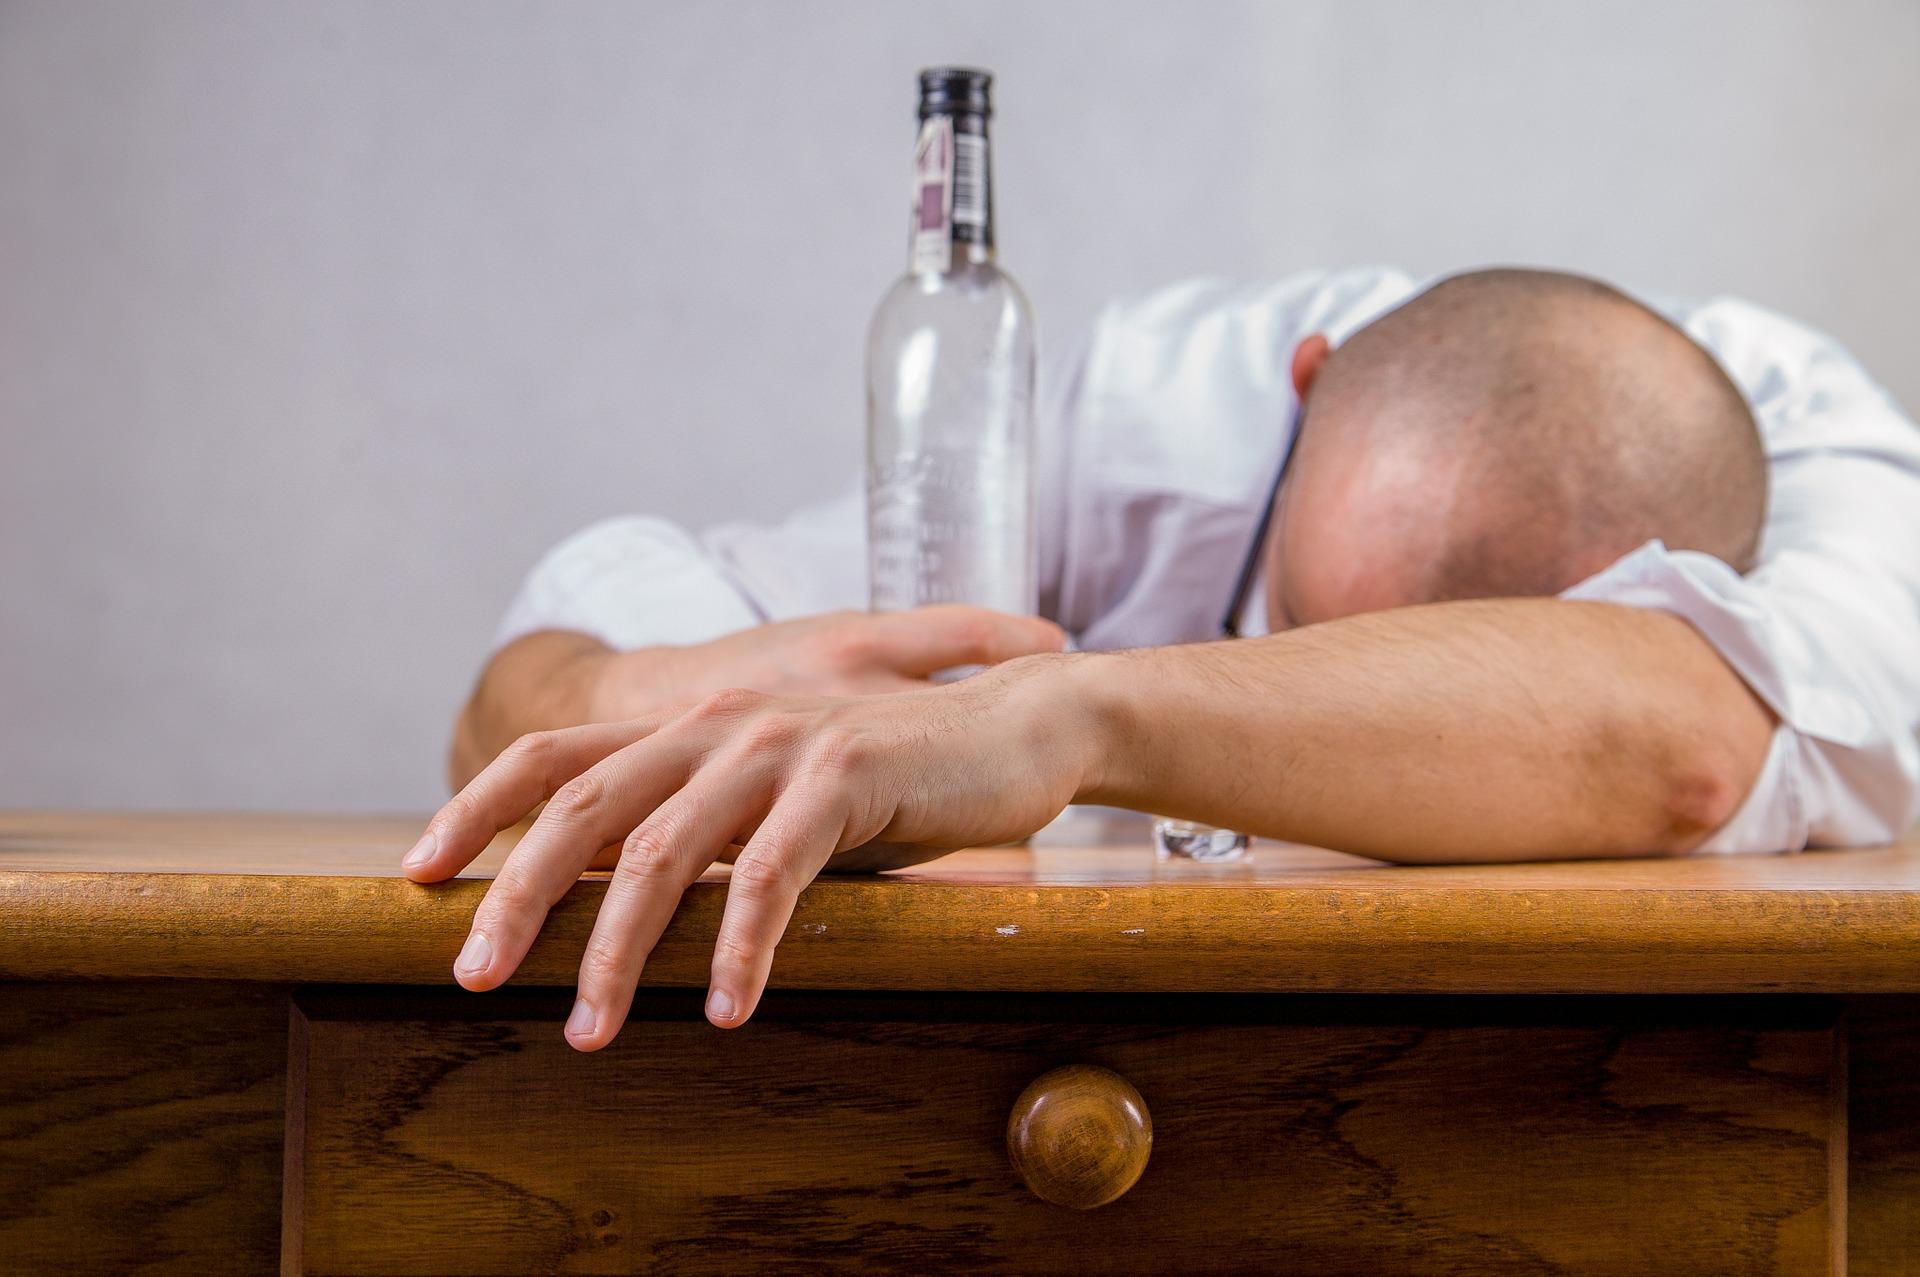 Cómo saber si las salidas nocturnas se han convertido en un problema para tu salud